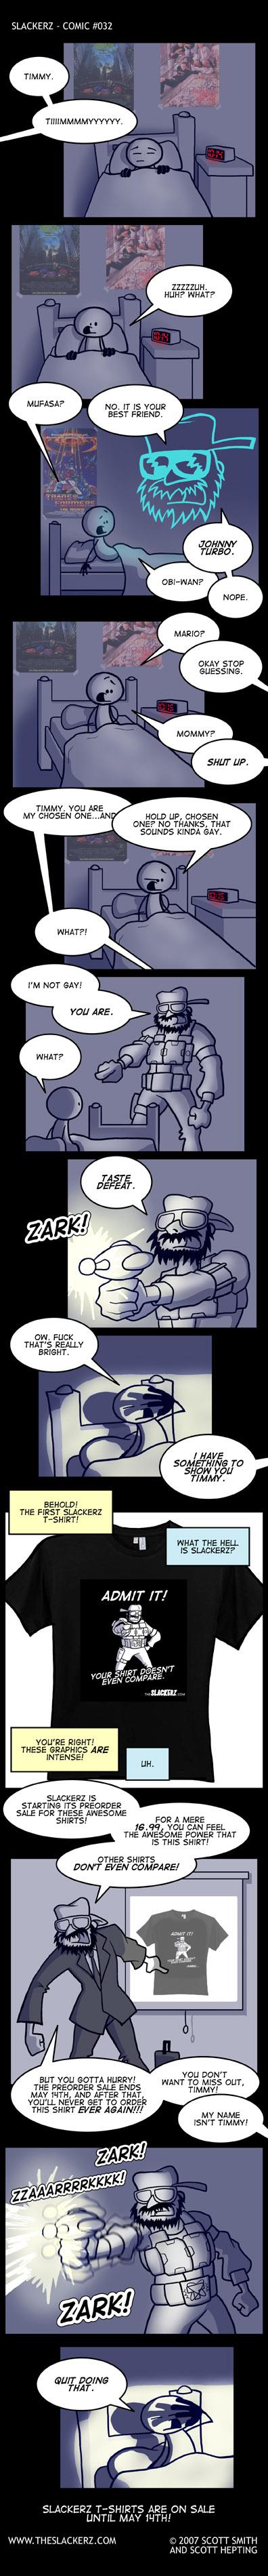 Comic032